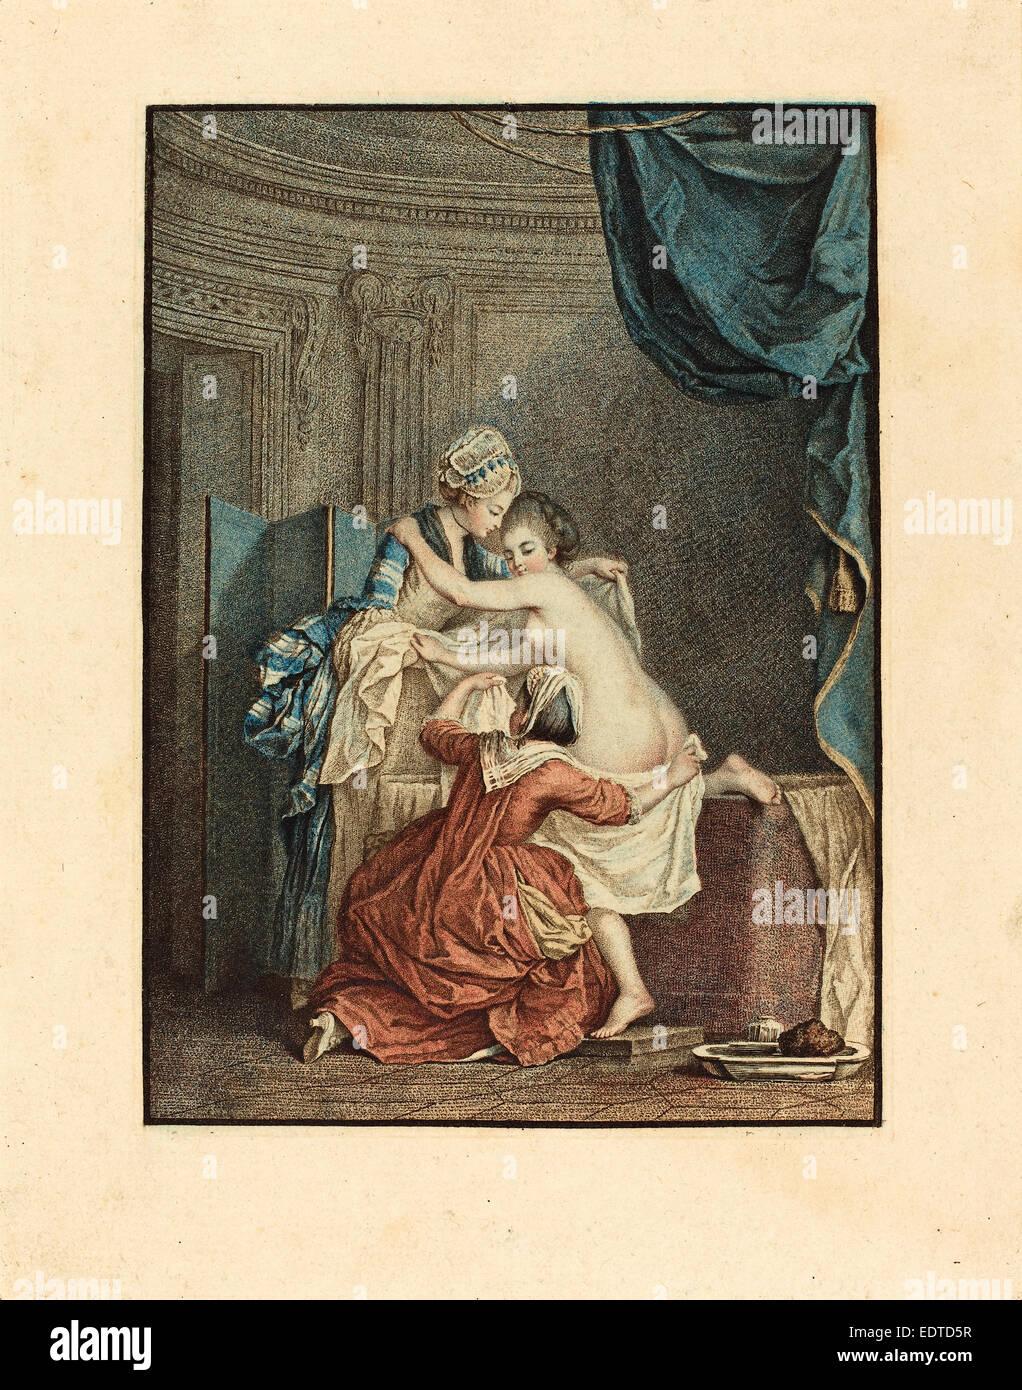 Nicolas Francois Regnault after Pierre-Antoine Baudouin (French, 1746 - c. 1810), Le bain (The Bath), color stipple etching Stock Photo